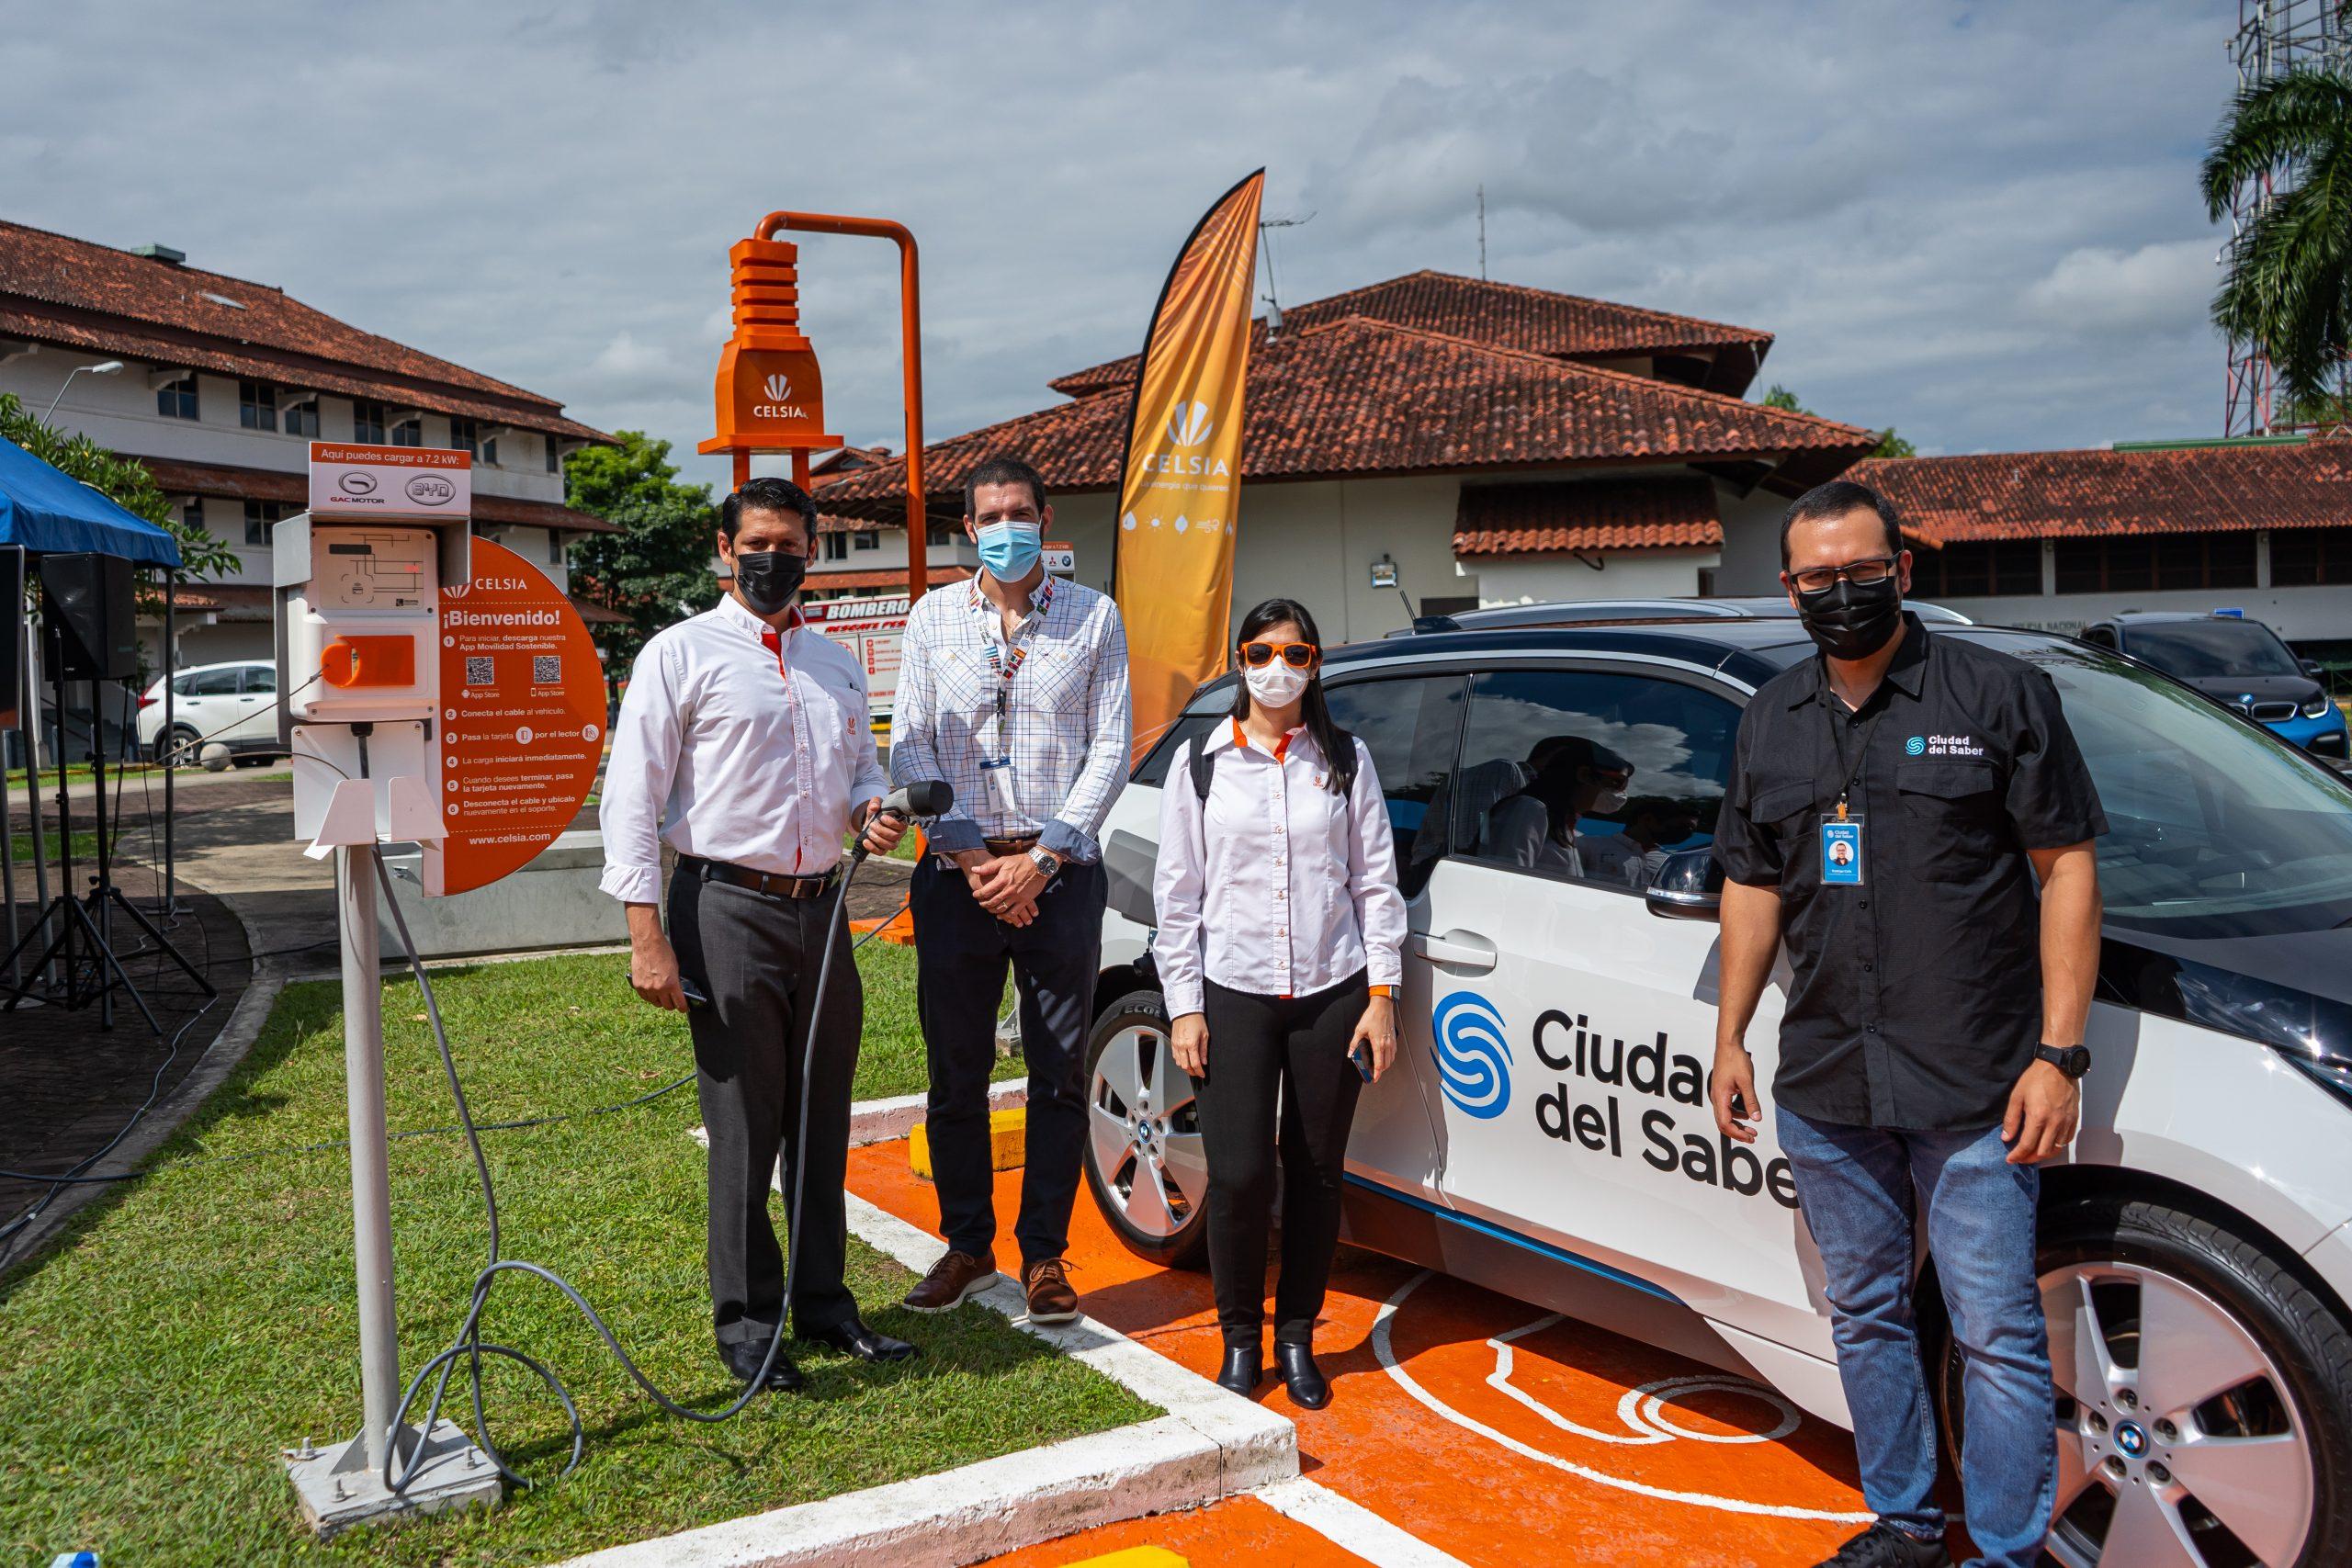 En Panamá, Celsia y Ciudad del Saber inauguran estación de recarga para vehículos eléctricos